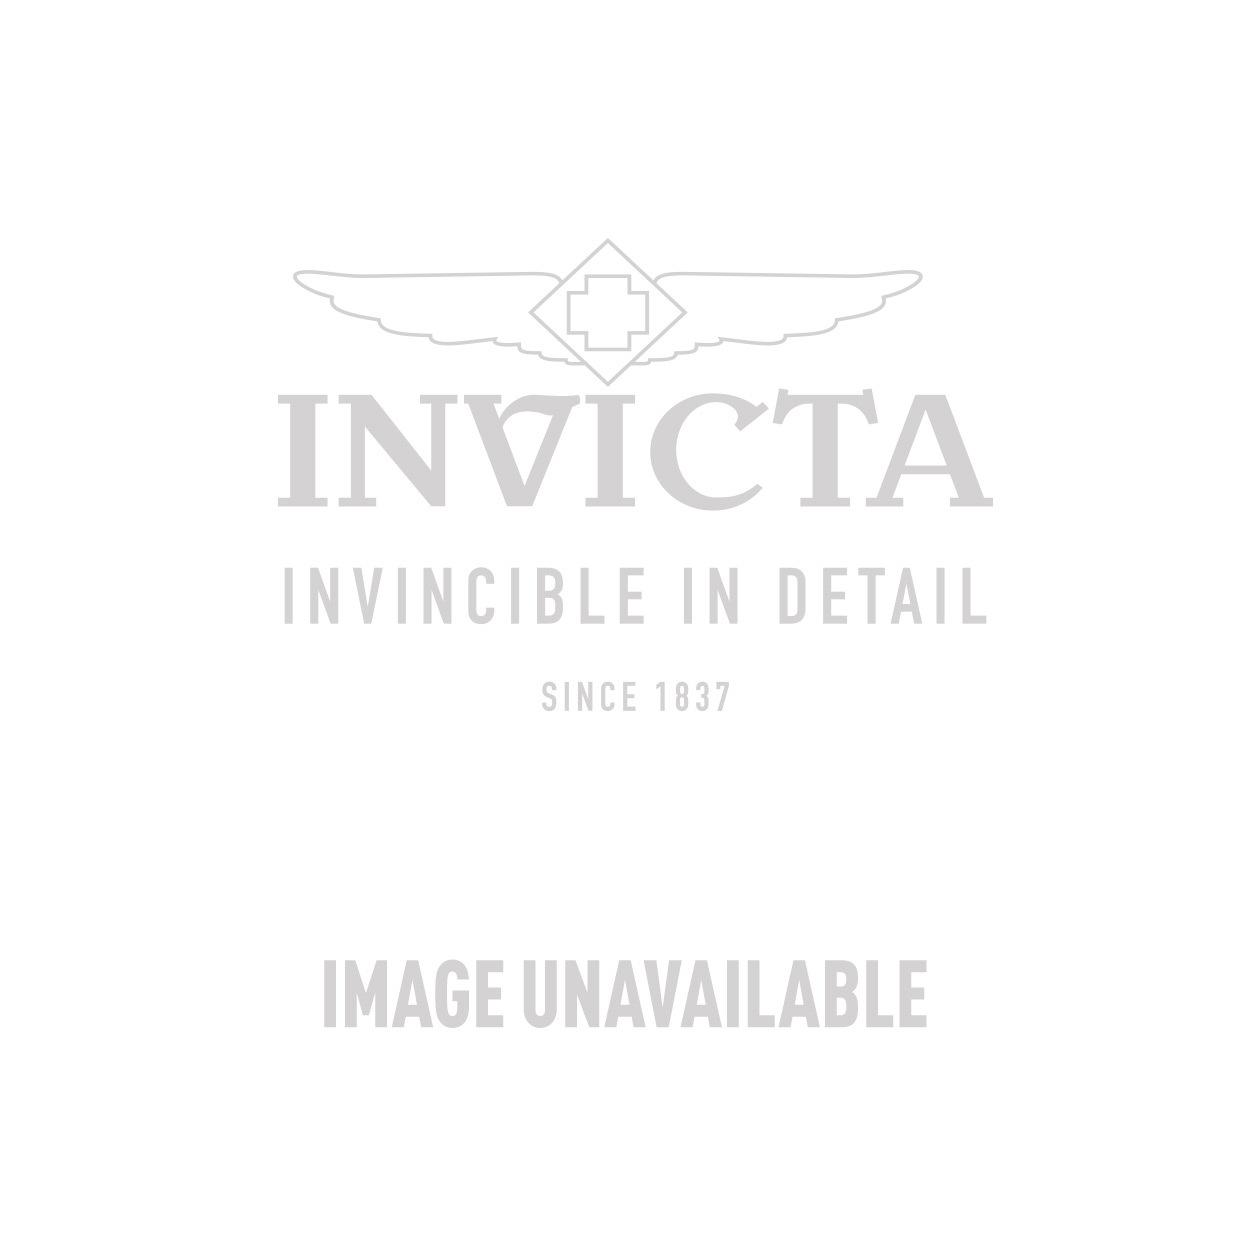 Invicta Model 27422